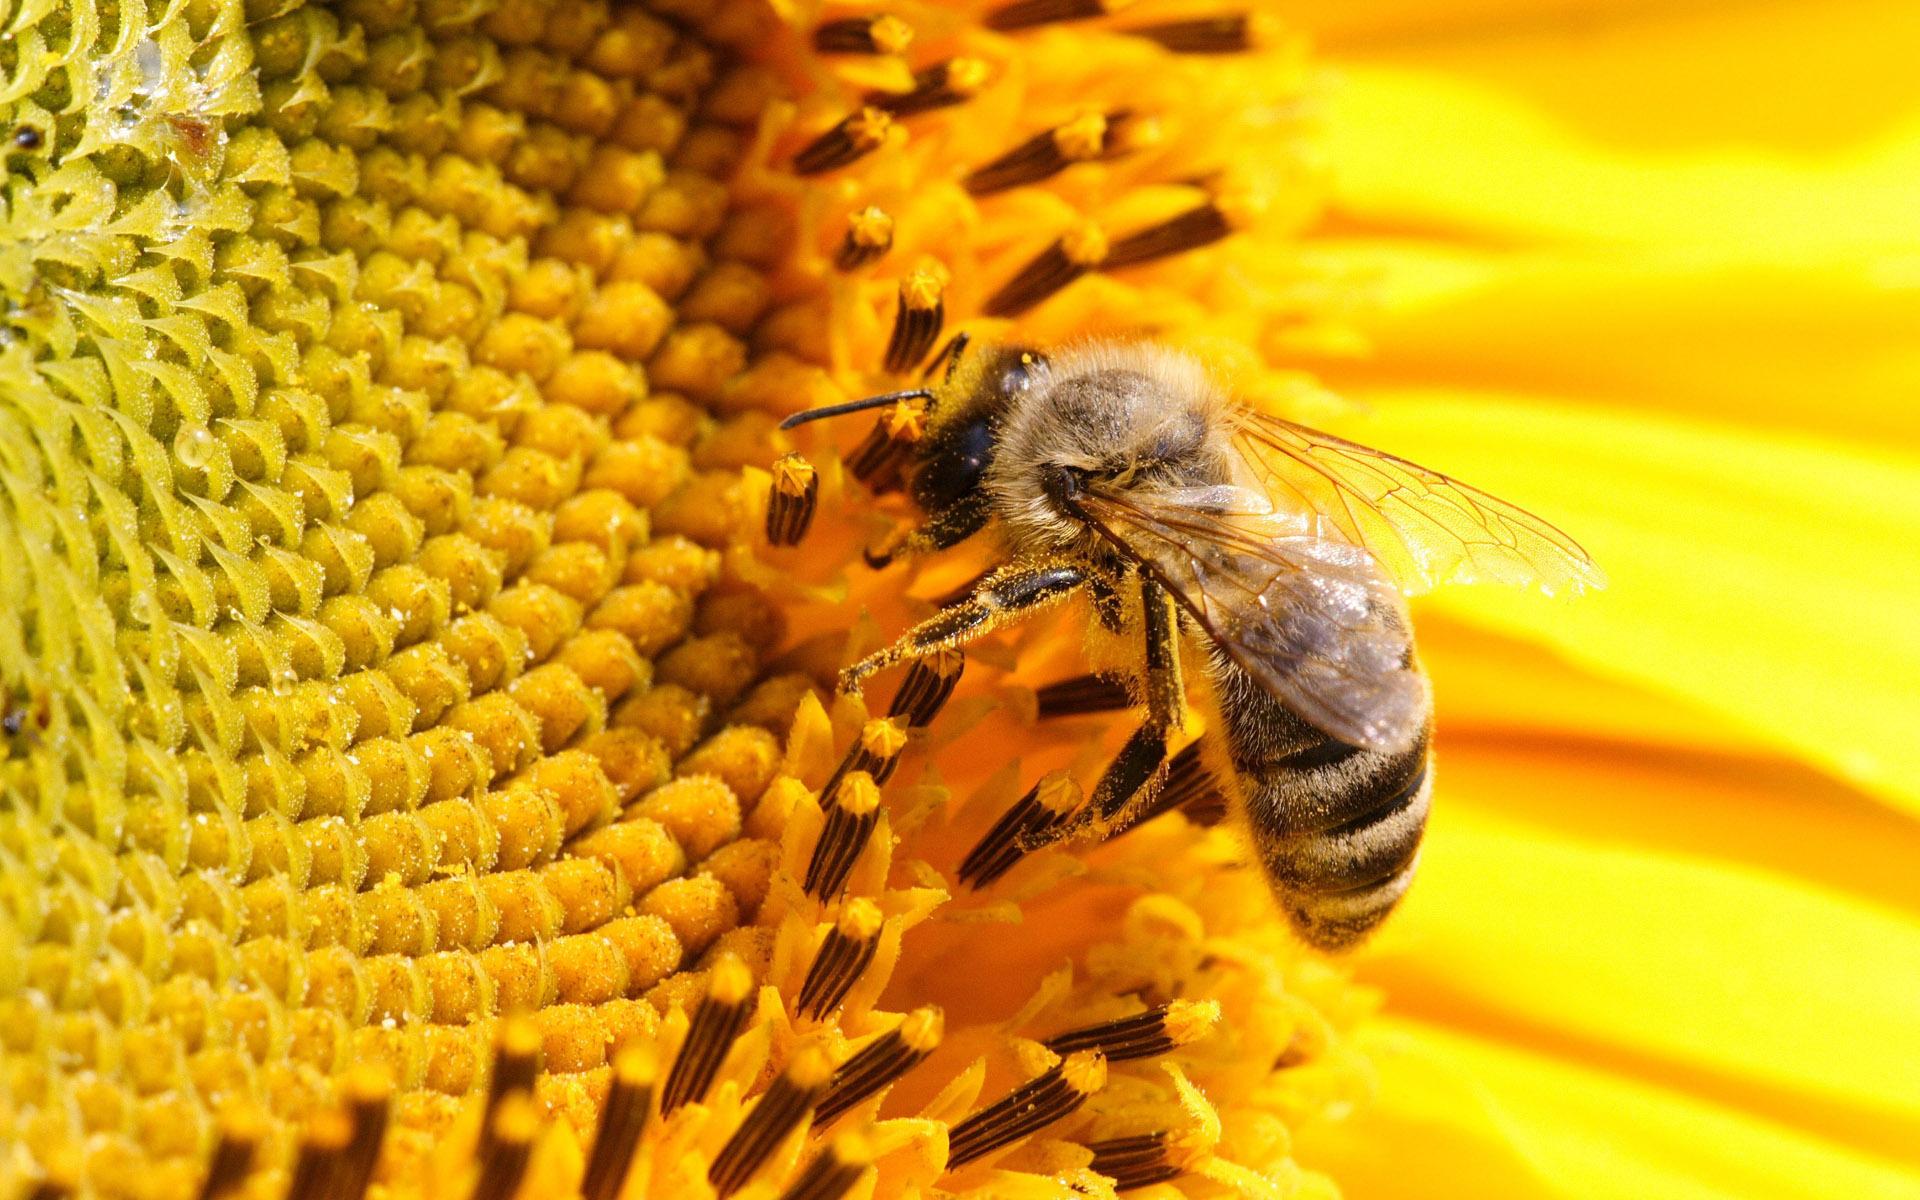 Картинки пчелы и мед, андроид картинку